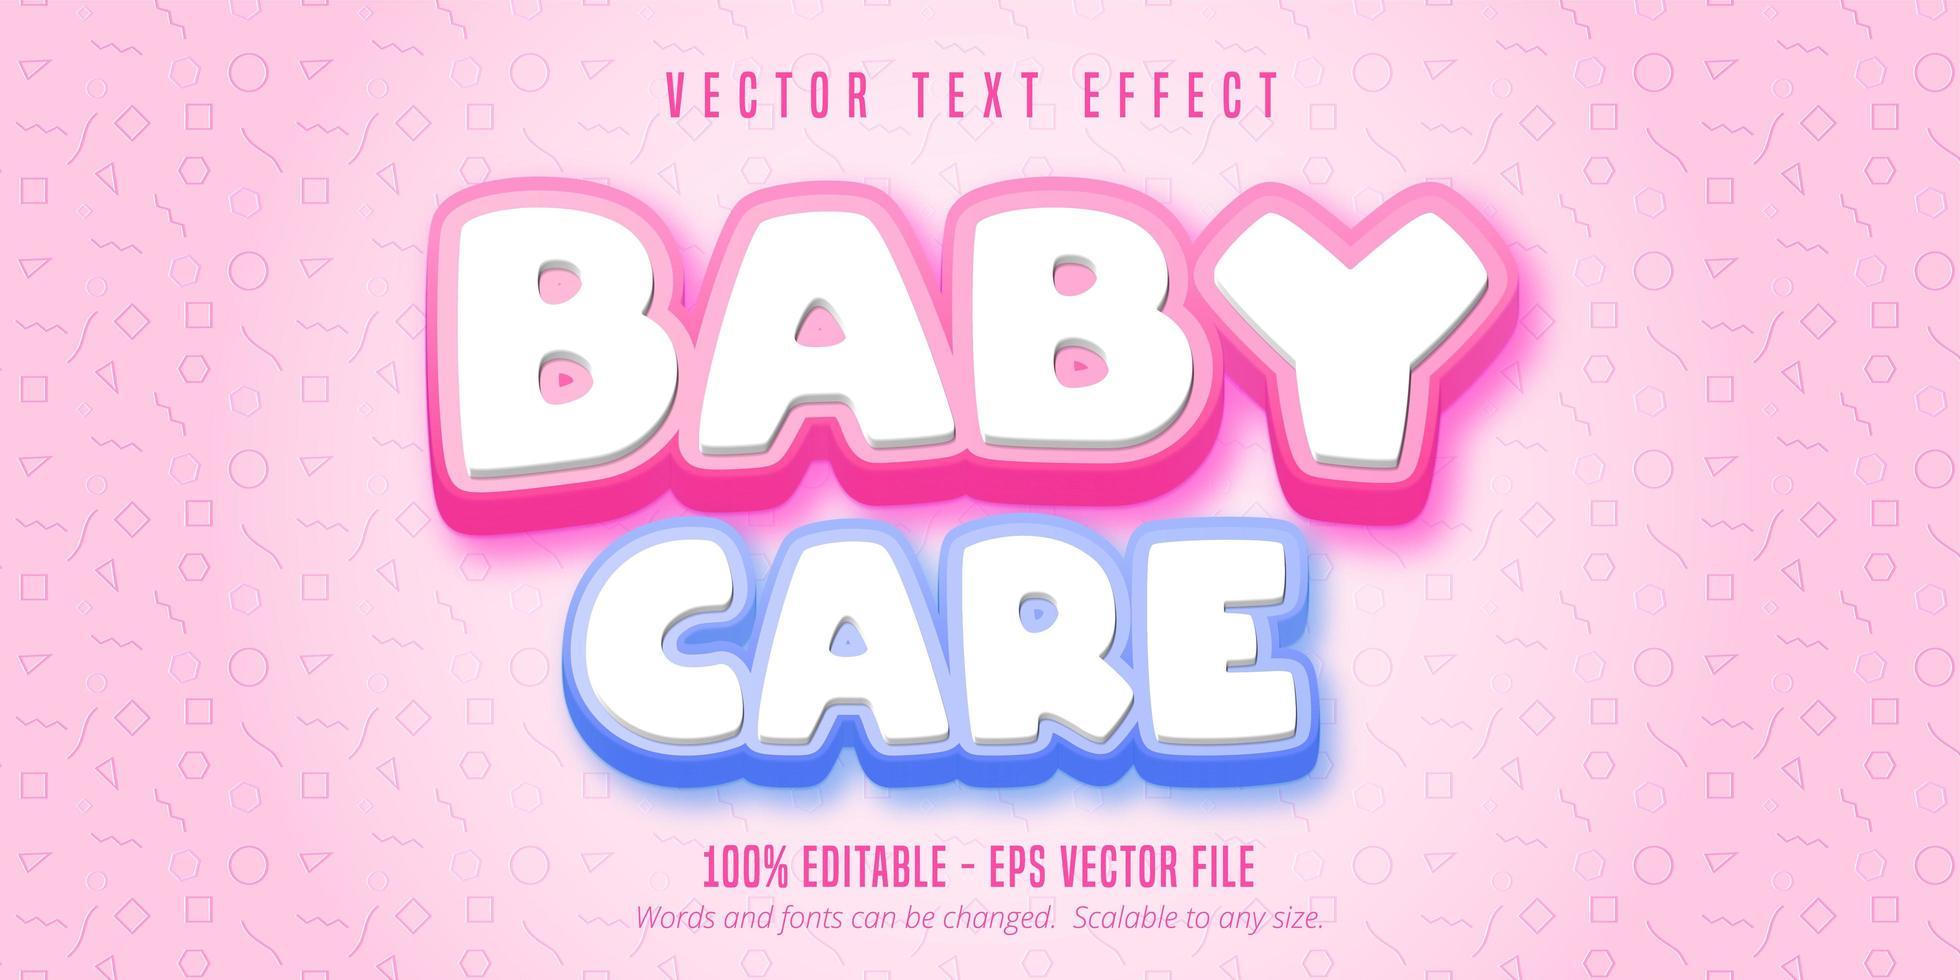 testo per la cura del bambino, effetto di testo in stile cartone animato vettore